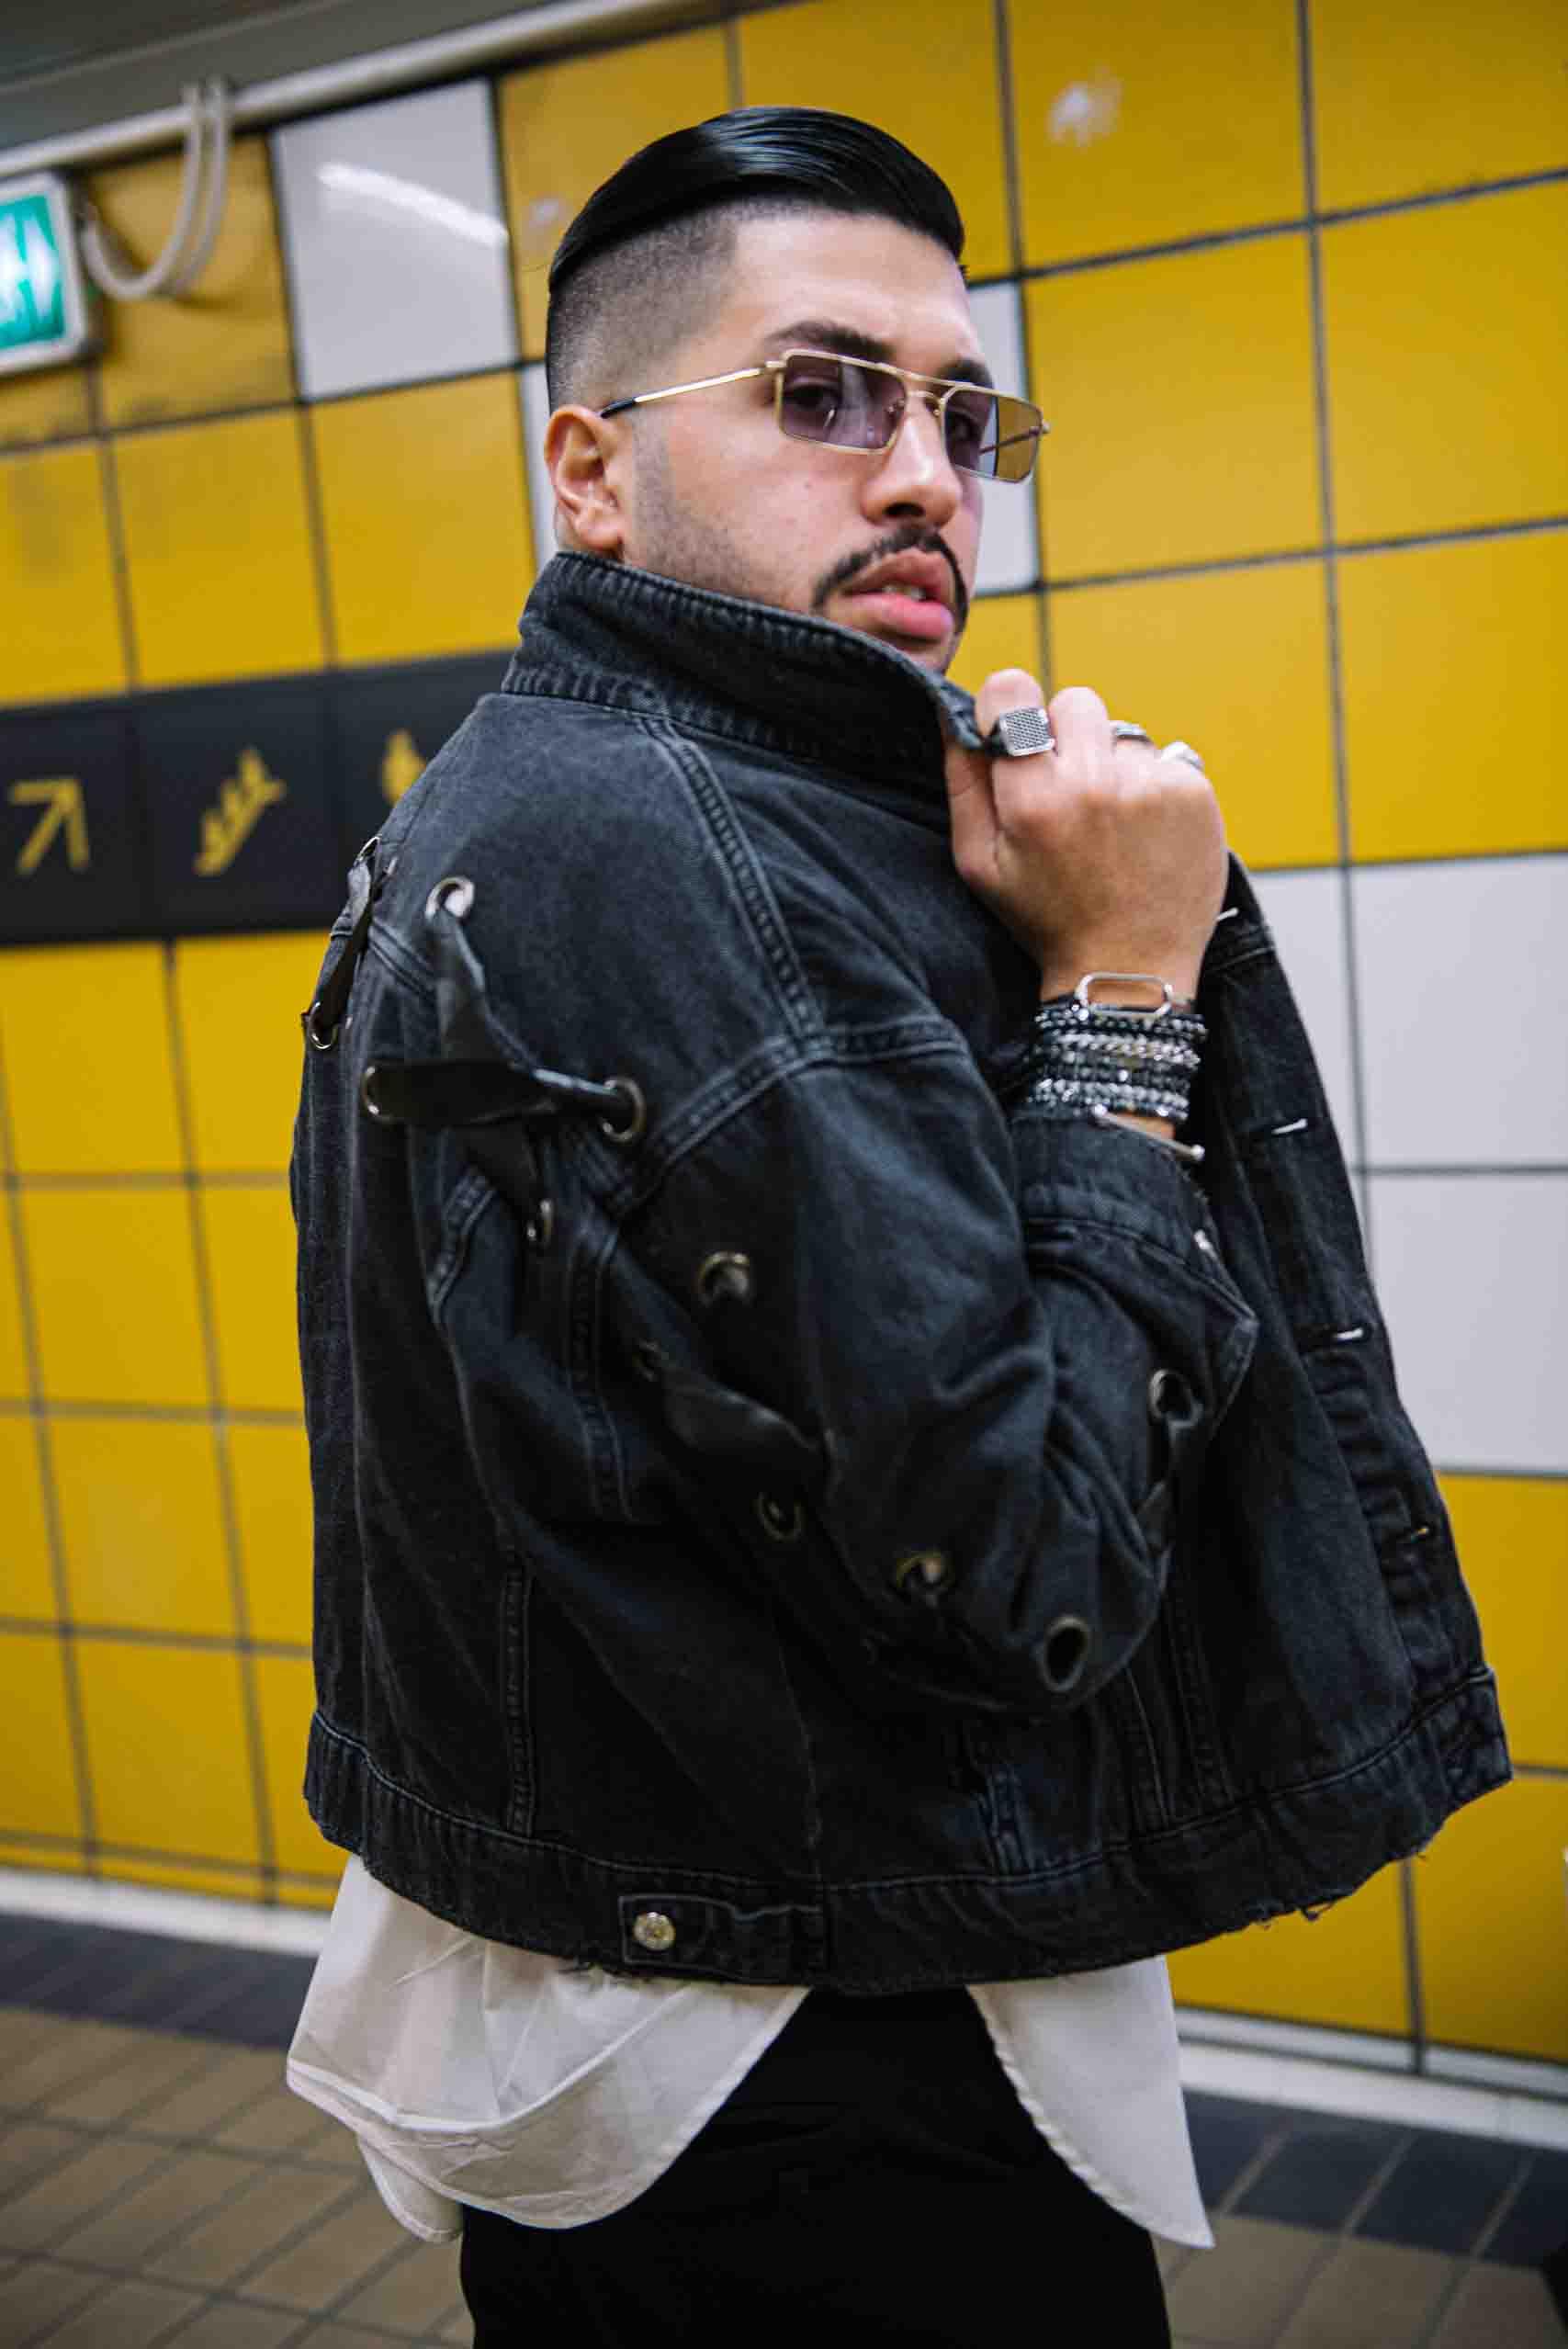 דניאל ציוני, צילום דניס גרצקיס , חדשות האופנה, כתבות אופנה 2020